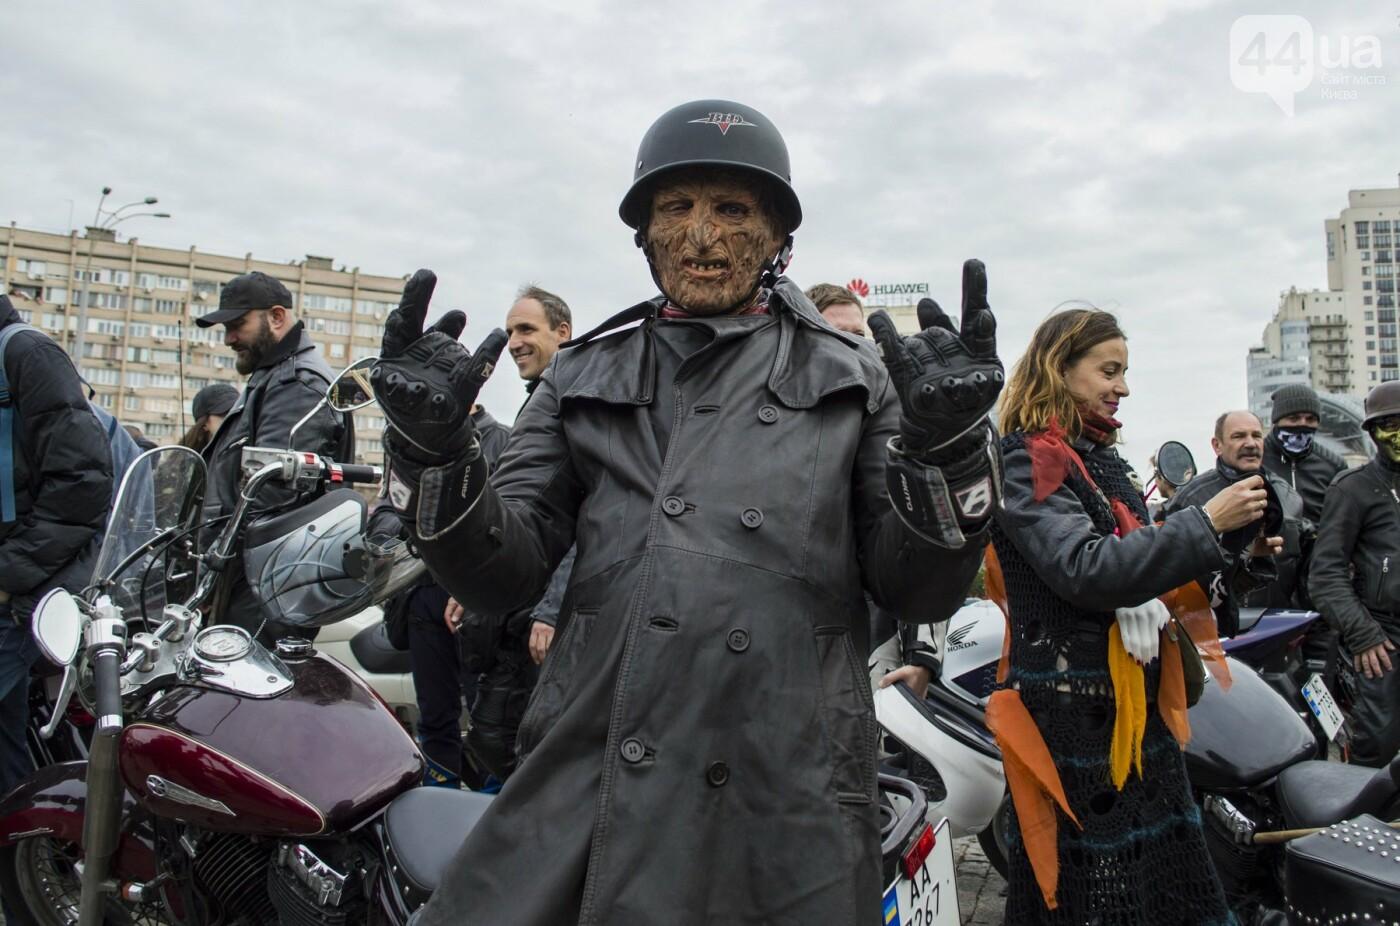 """От Бэтмена до ведьм: как """"нечисть"""" разъезжала на мотоциклах по центру Киева, фото-1"""